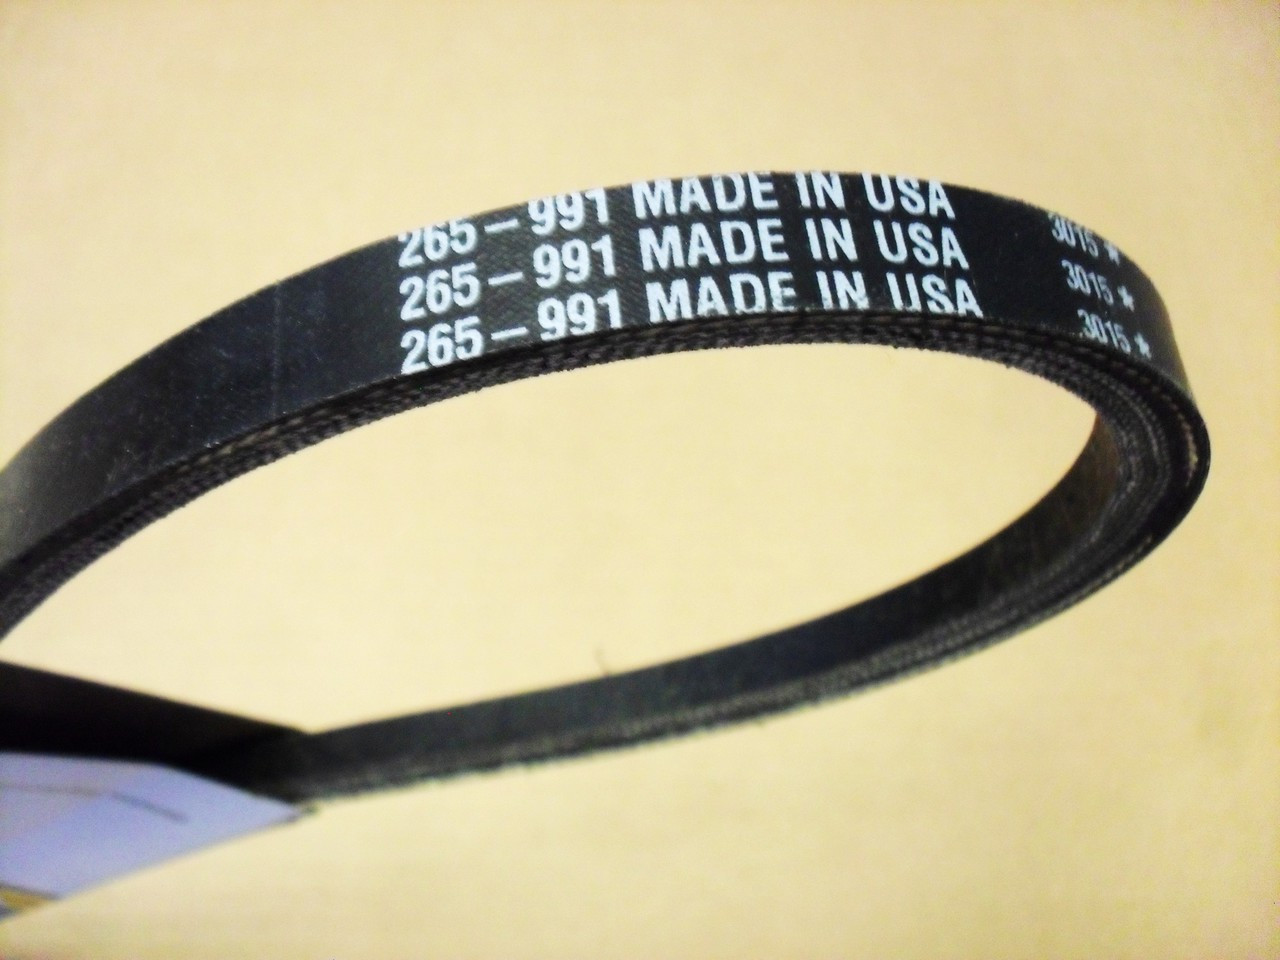 Drive Belt for Bluebird PR18, PR22, S22, 100439, 539100439 Blue Bird, Made In USA